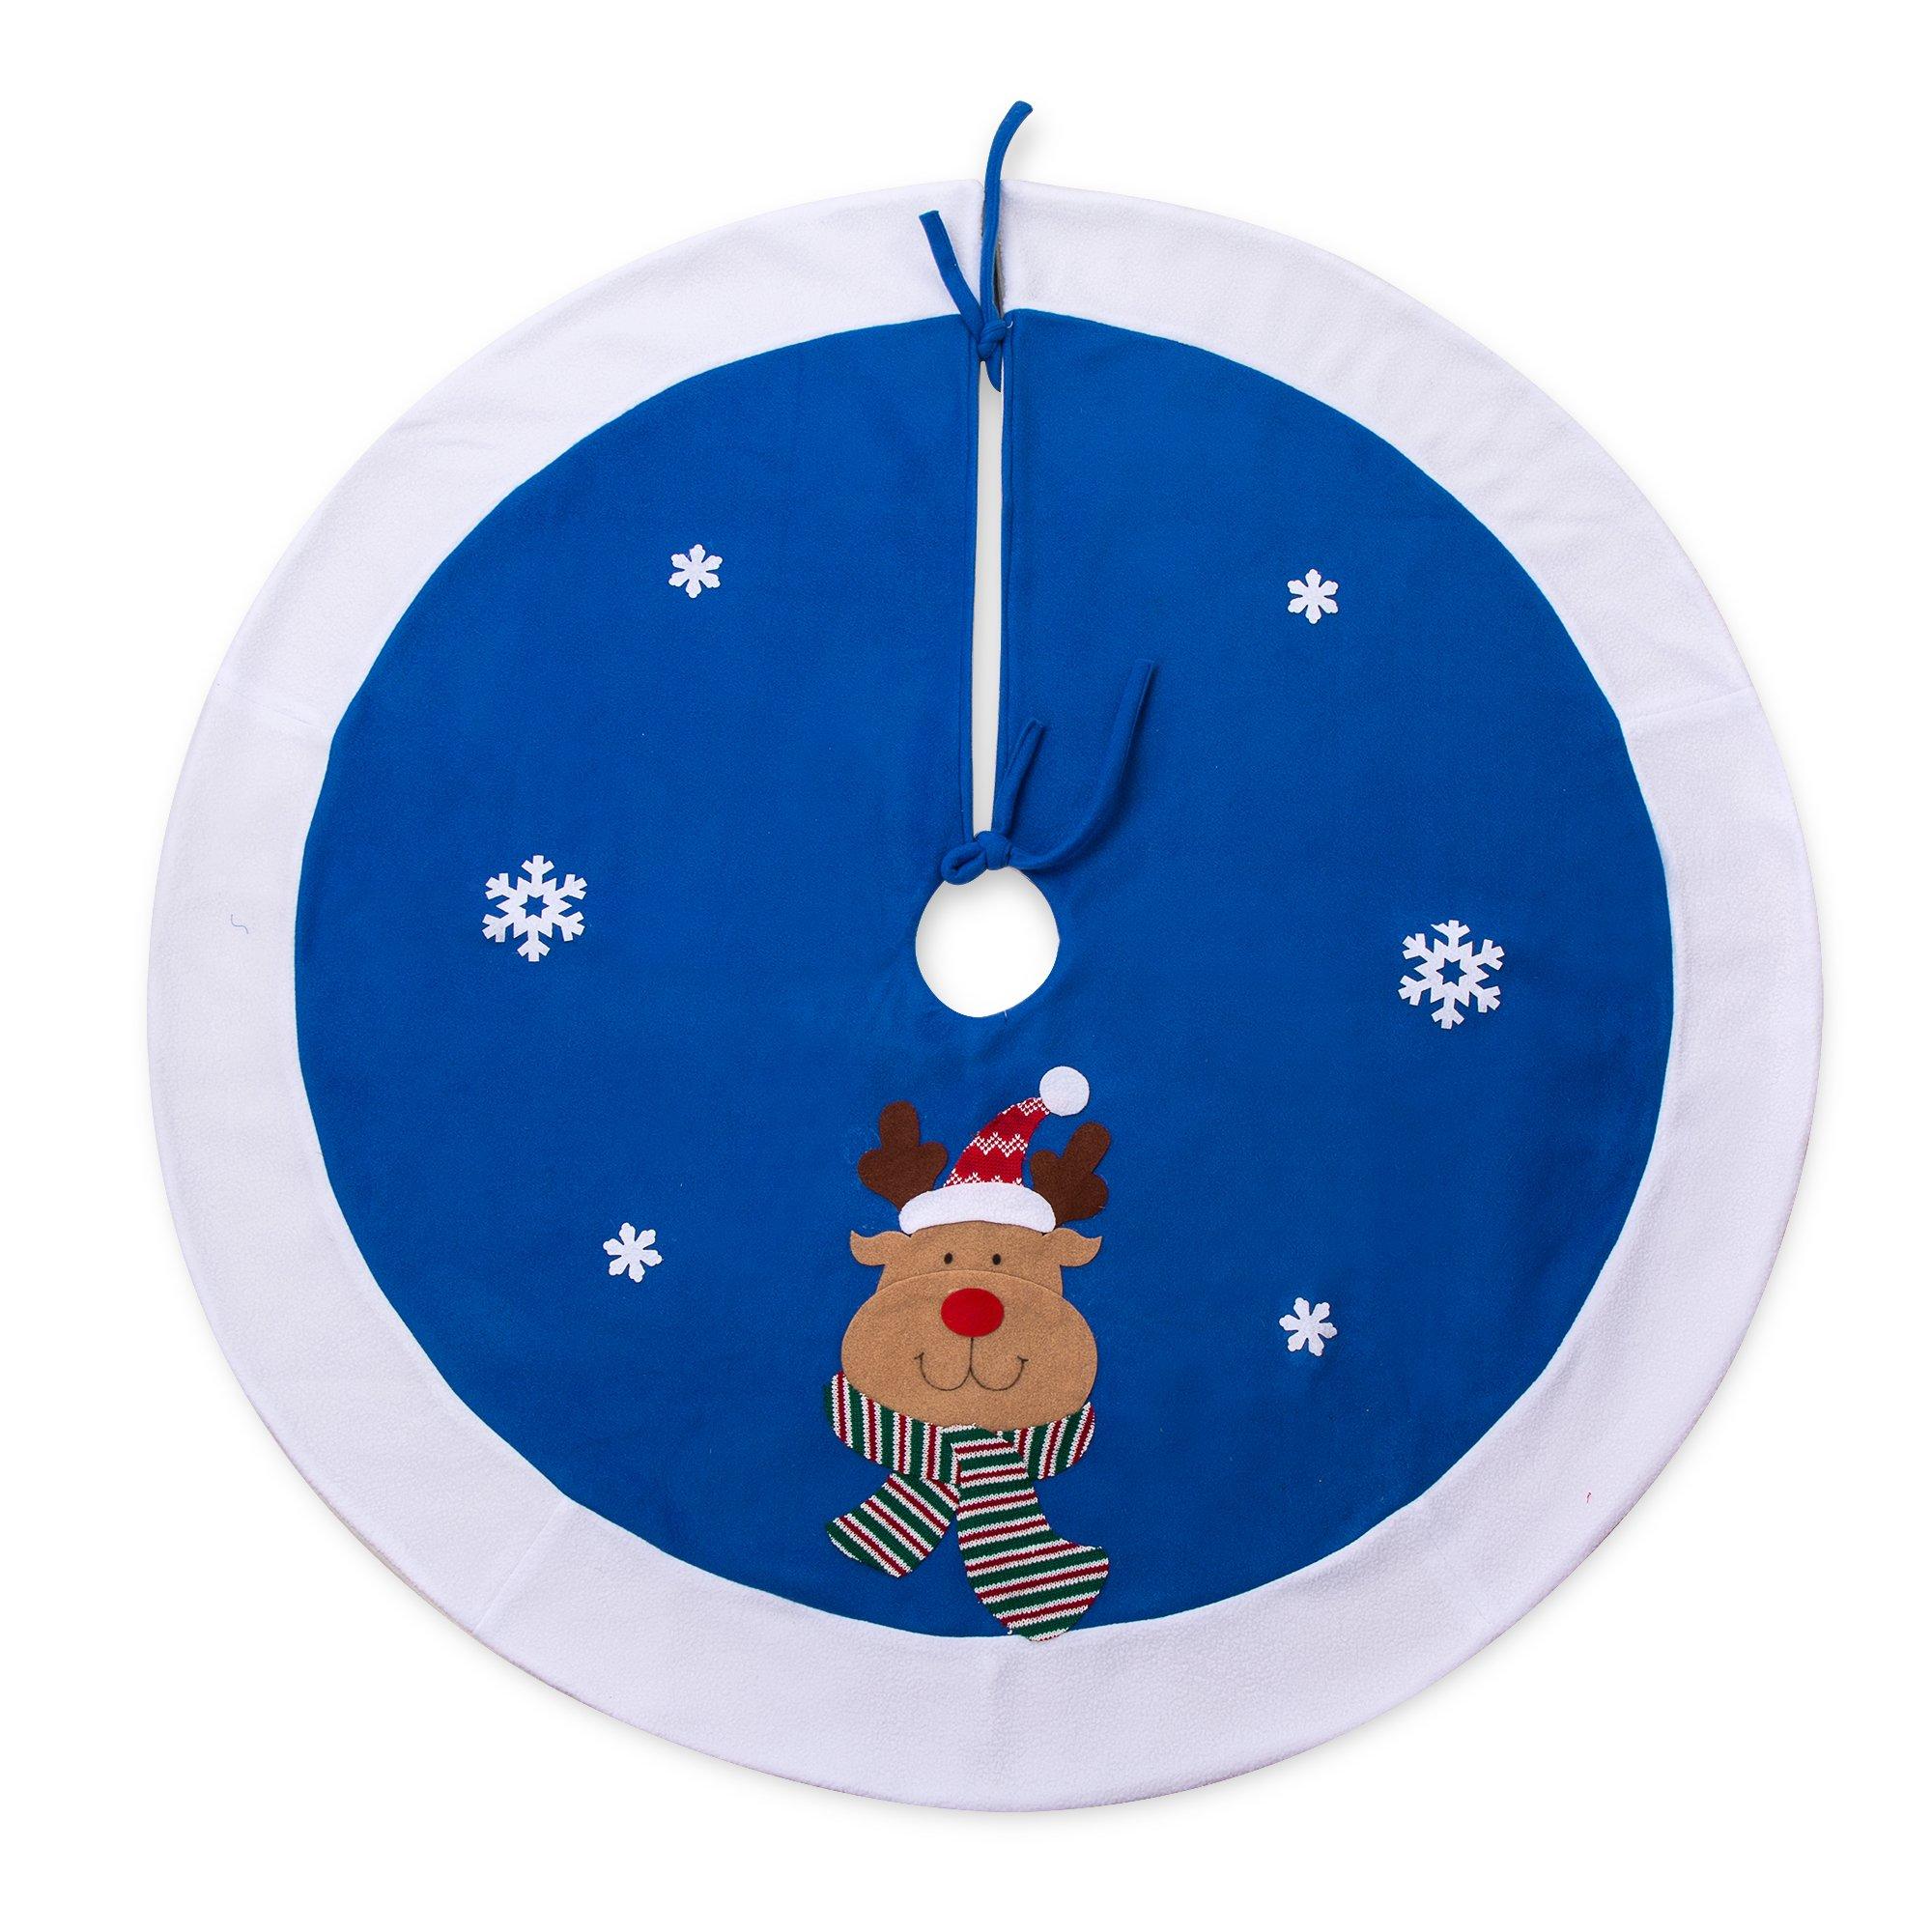 iPEGTOP 42'' Reindeer Christmas Tree Skirt - Holiday Christmas Decoration Snowflake - Blue and White Rim